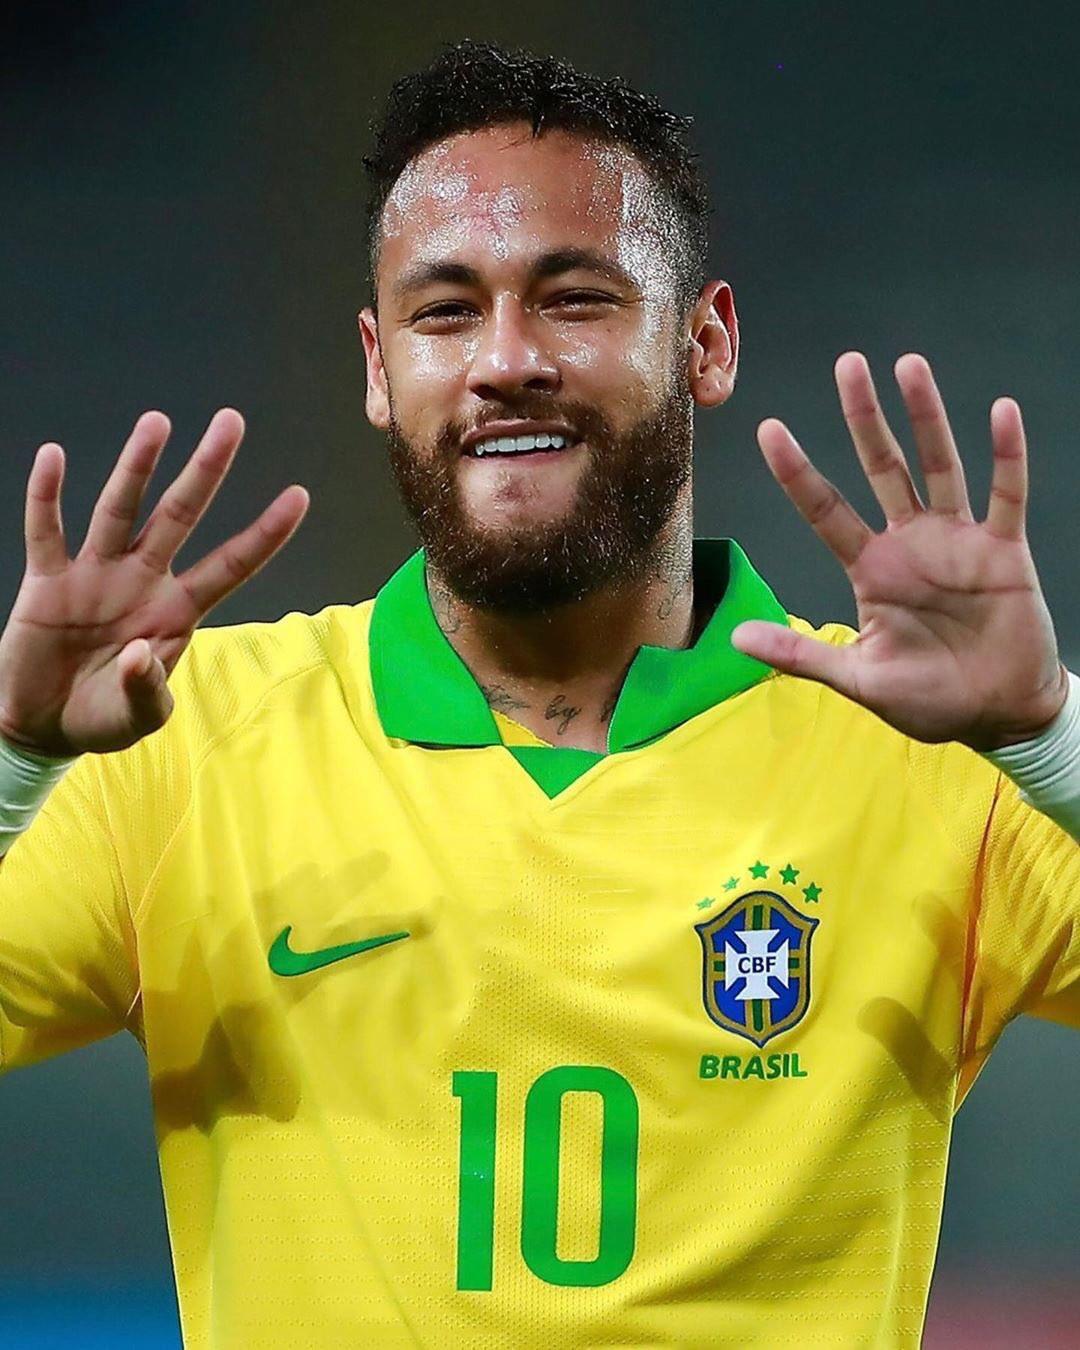 Neymar surpasses Ronaldo in Brazil